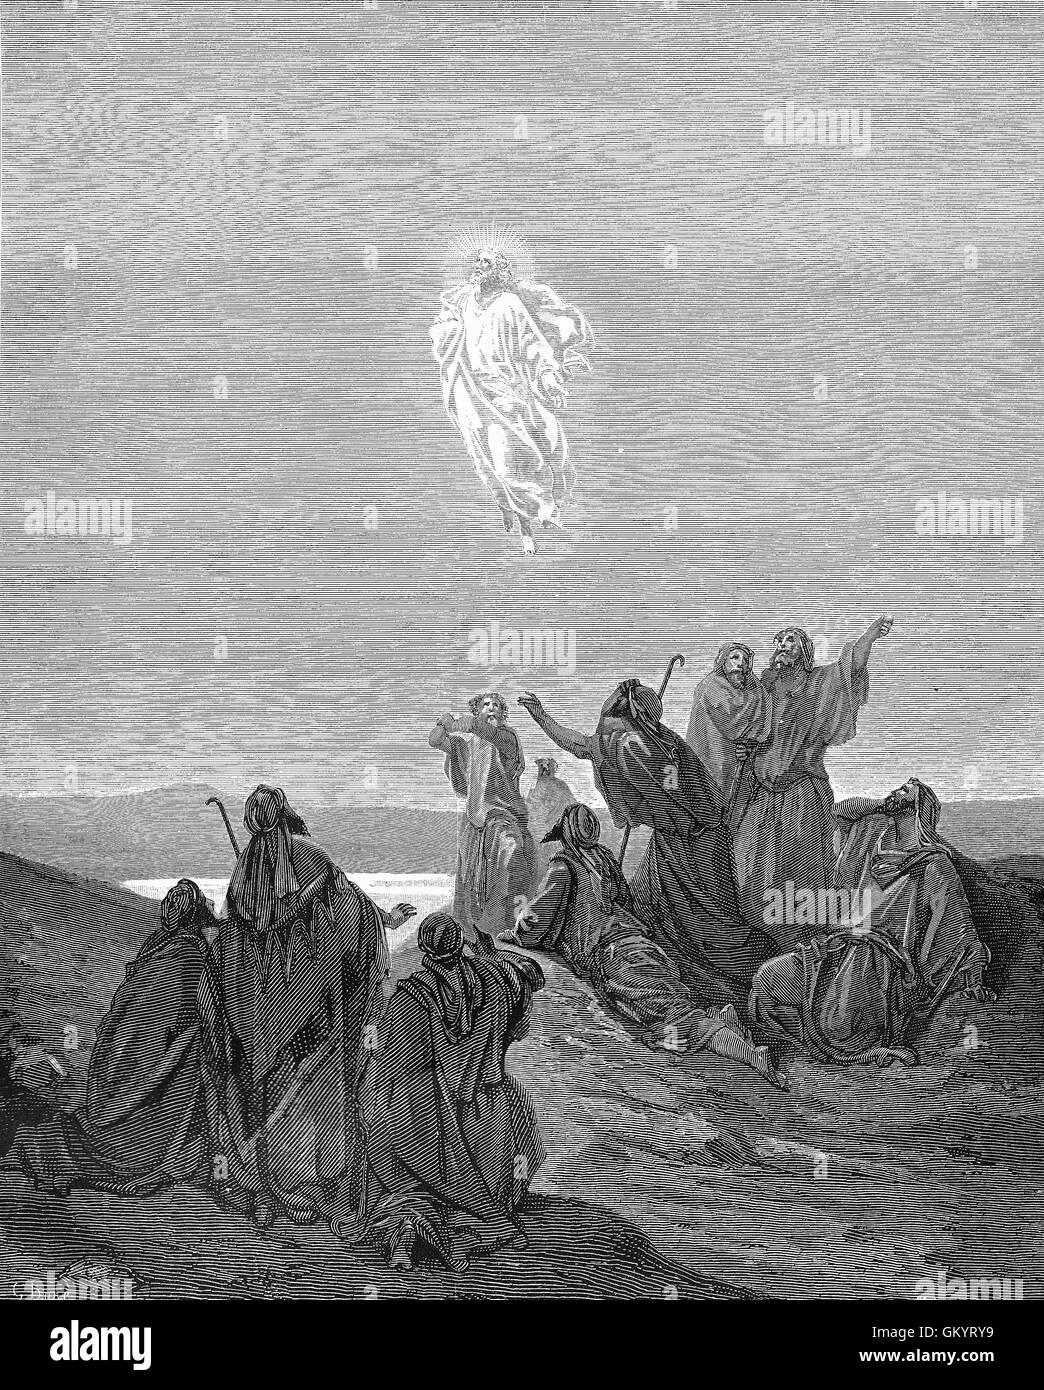 Gravure de l'Ascension par Gustave Doré Banque D'Images